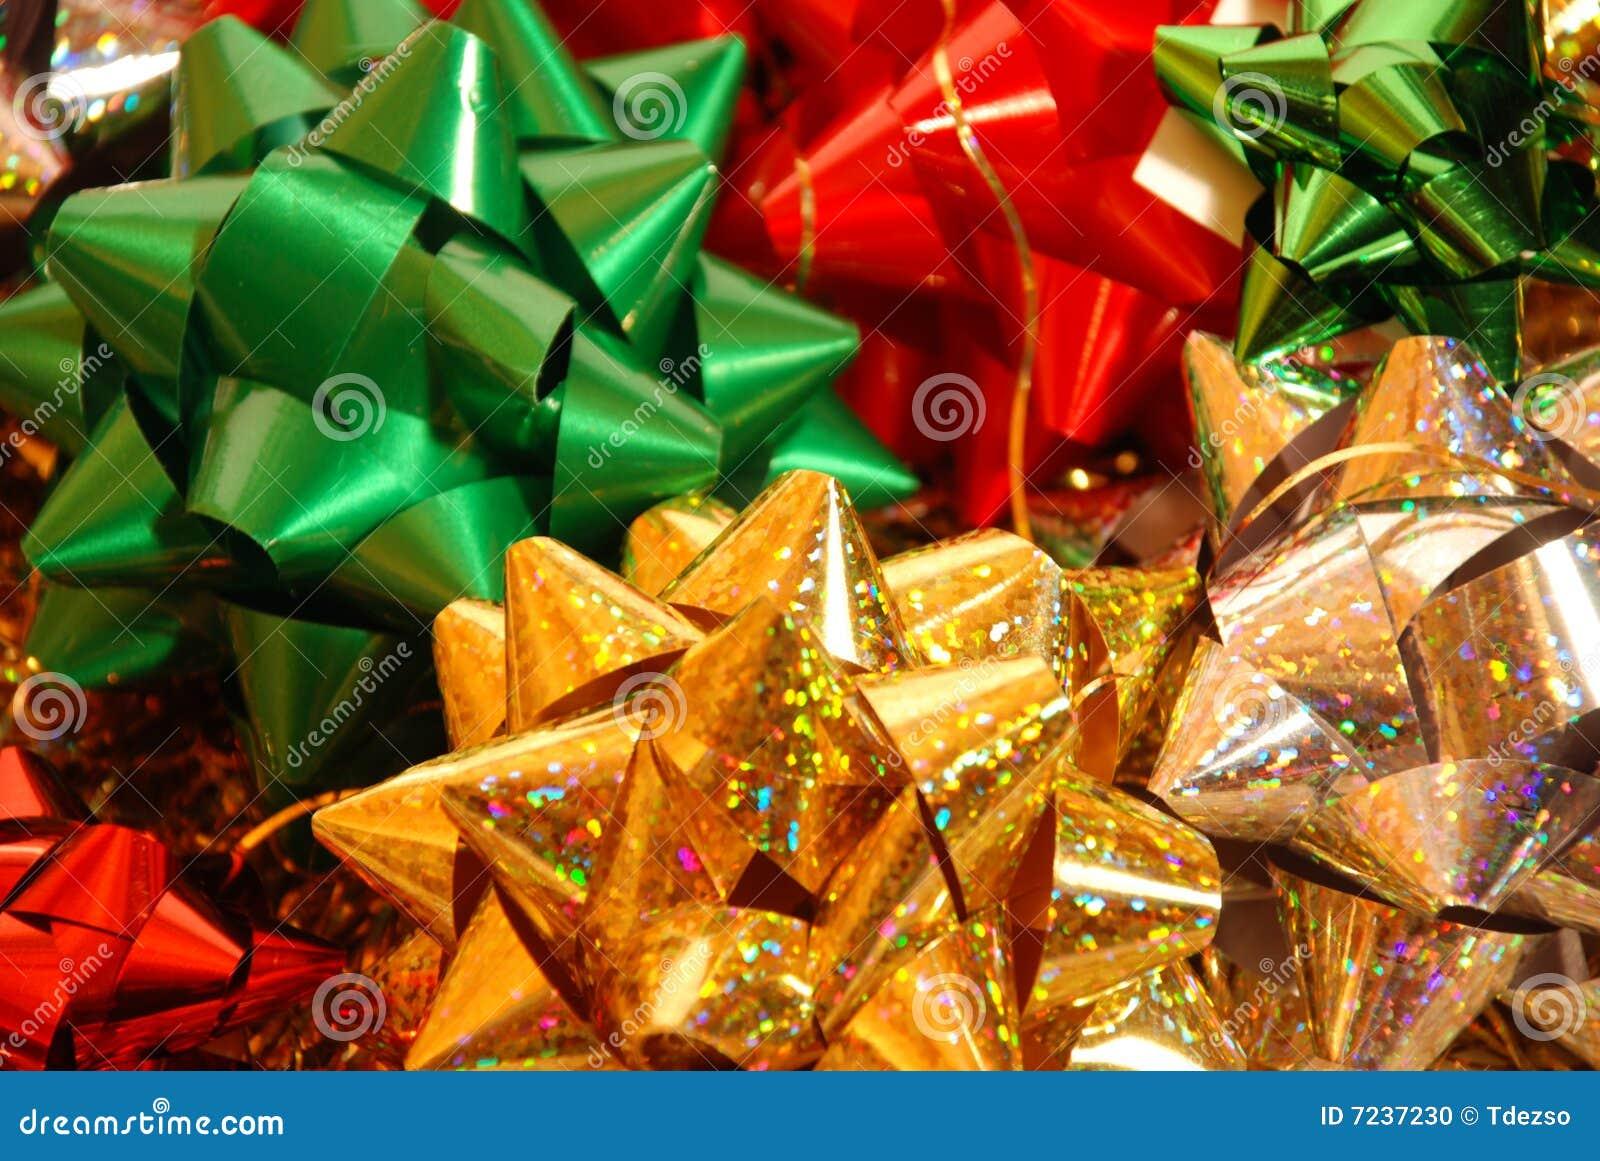 Weihnachtsbögen Auf Weißem Hintergrund Stockfoto - Bild von ...